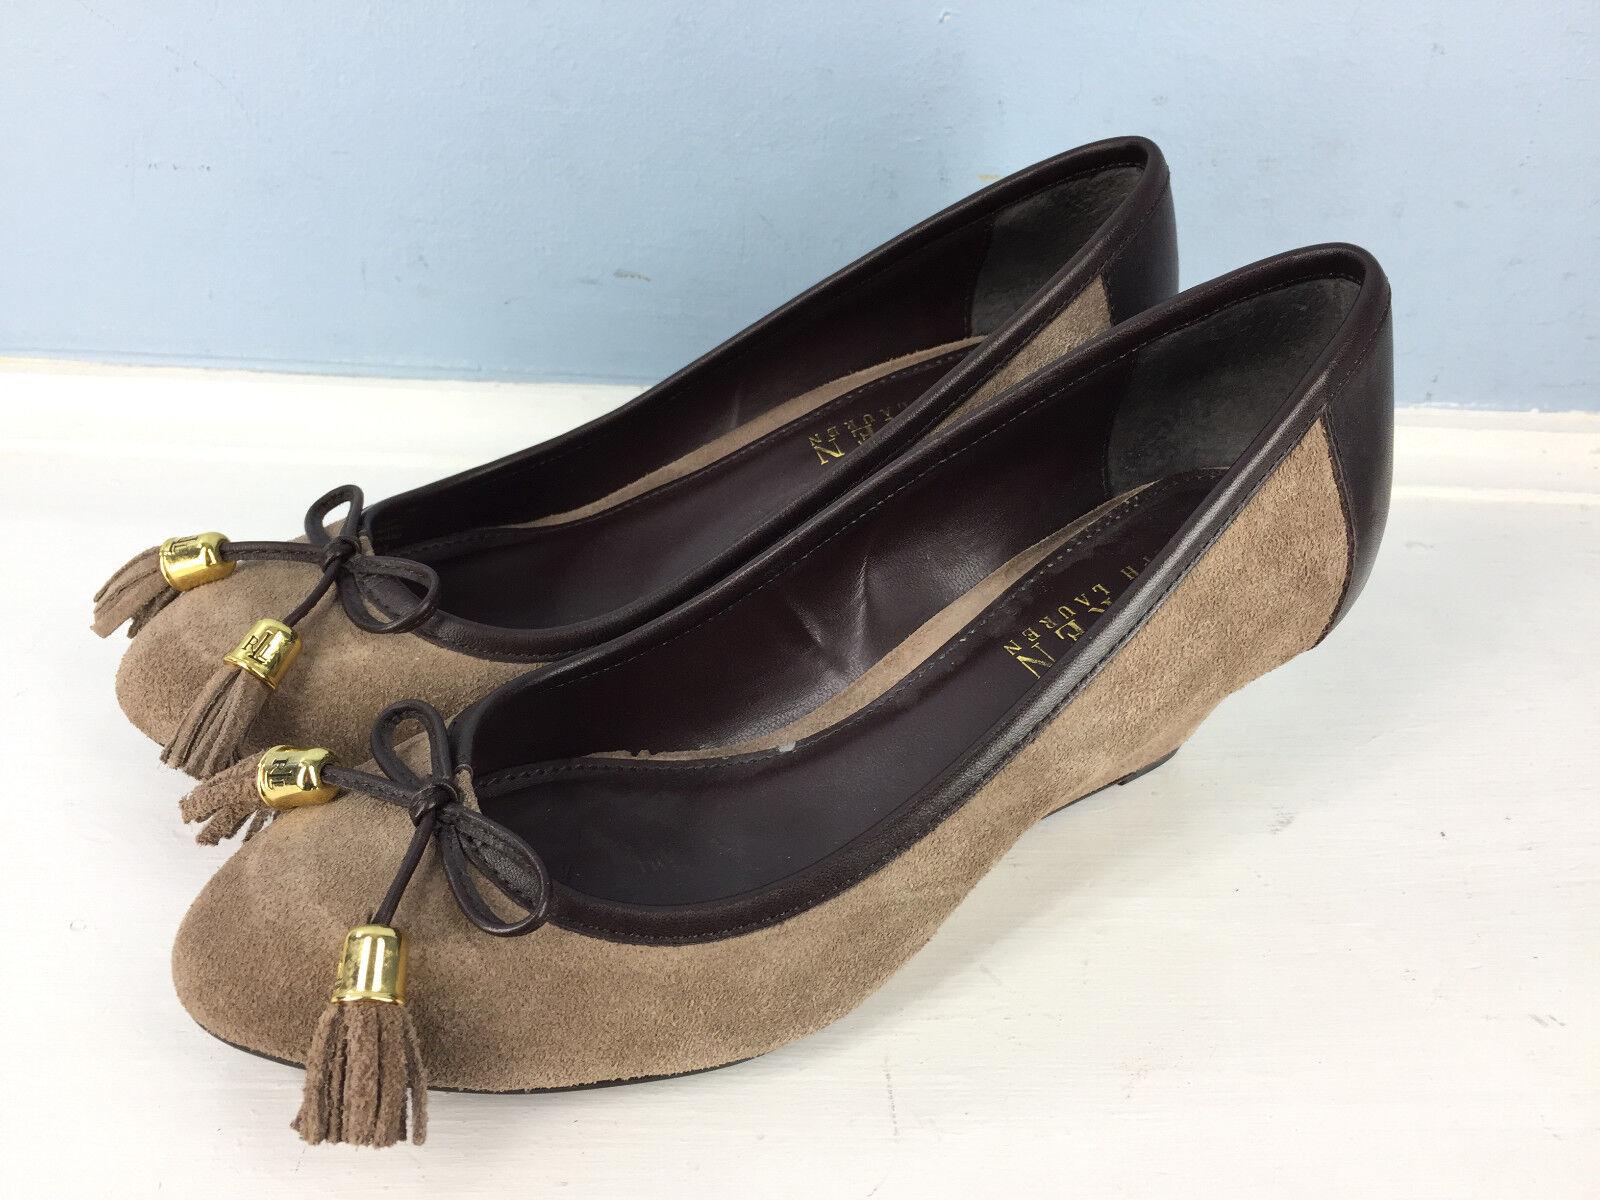 Ralph Lauren 7 Taupe Suede Brown Leather Wedge Heels Career Tassel Excellent